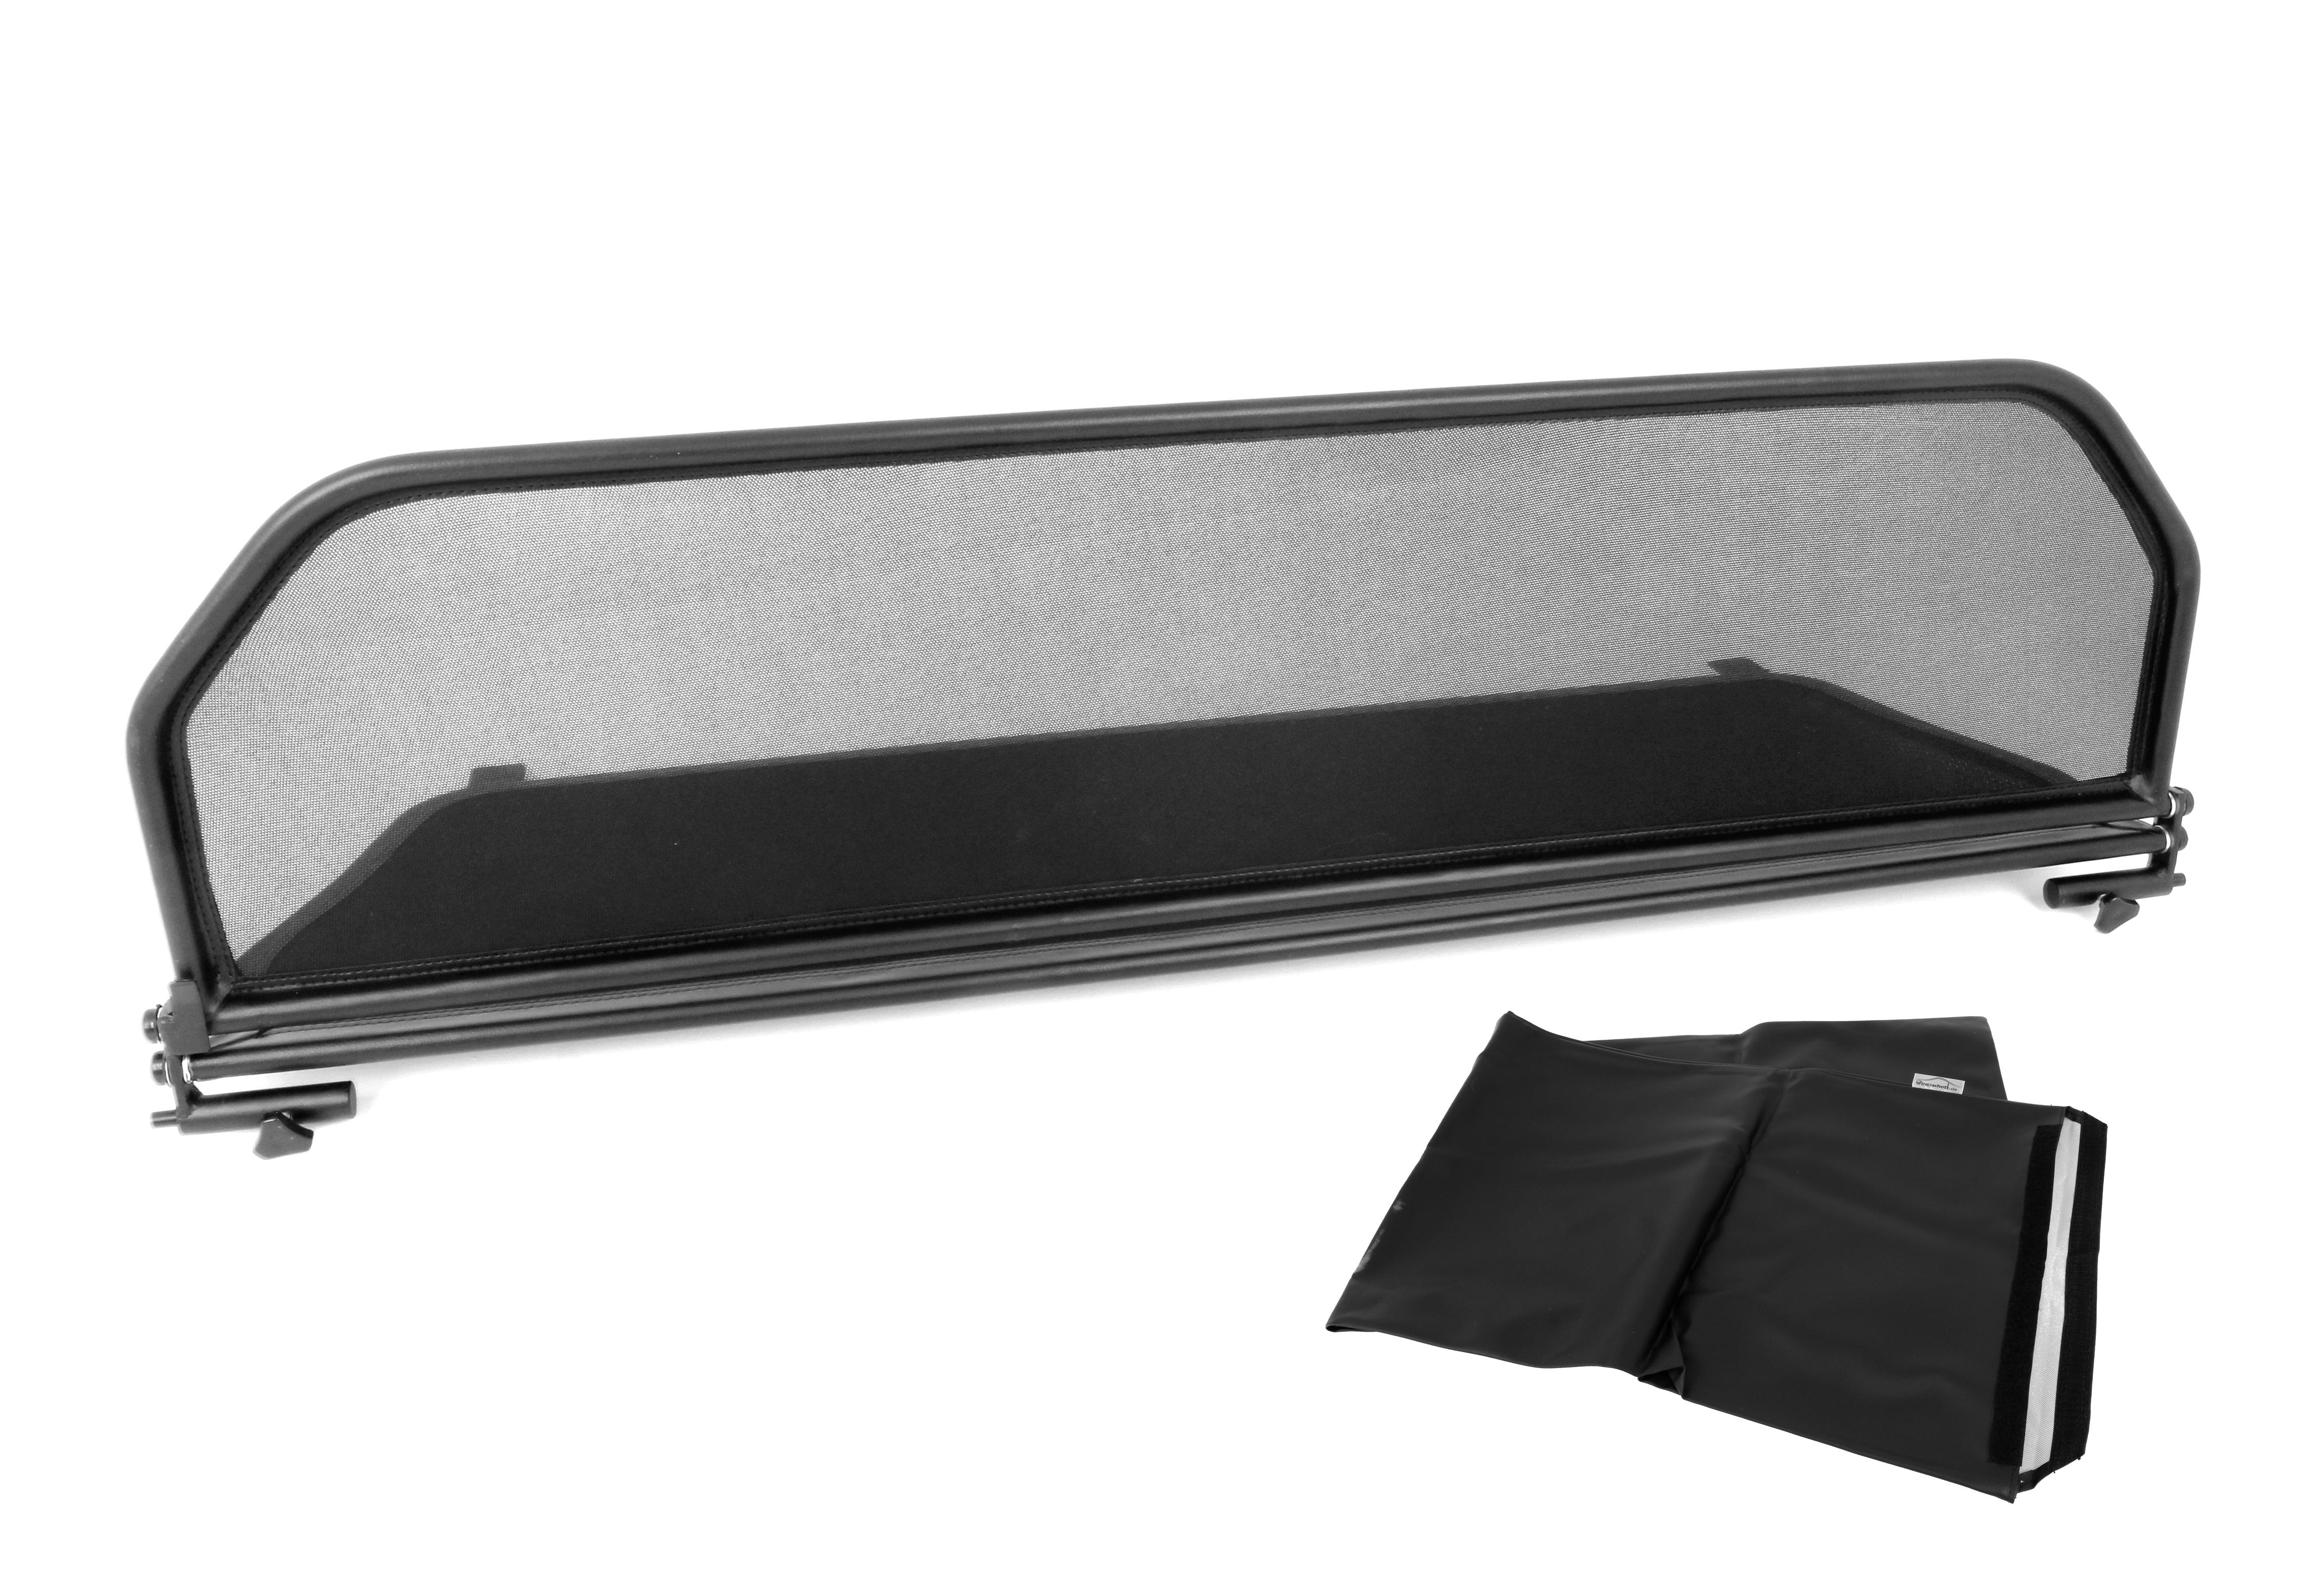 AIRAX Windschott f/ür Carrera 911 Typ 996 /& 997 mit Schnellverschluss